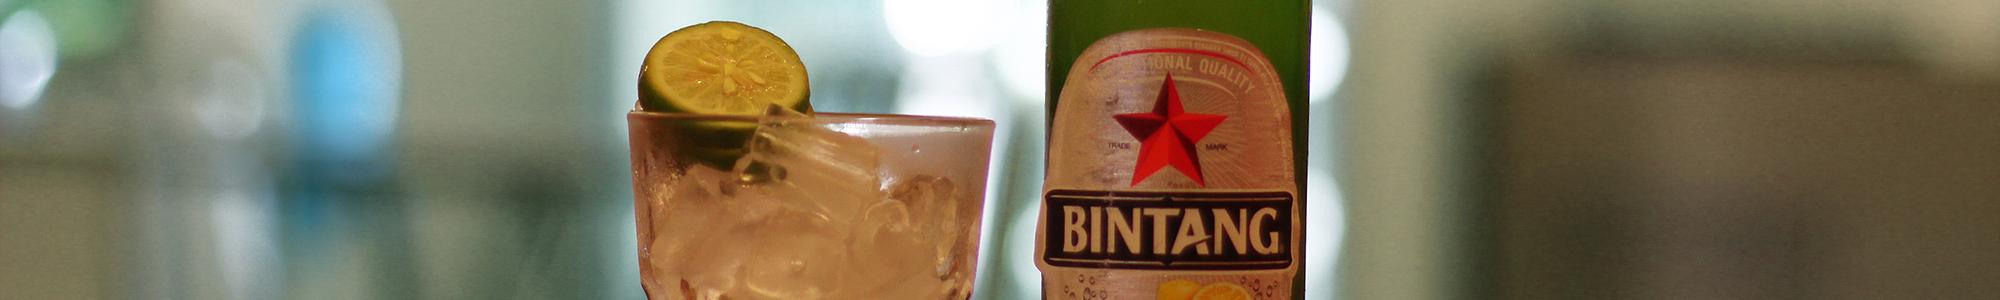 Bintang het grote biermerk in Indonesië